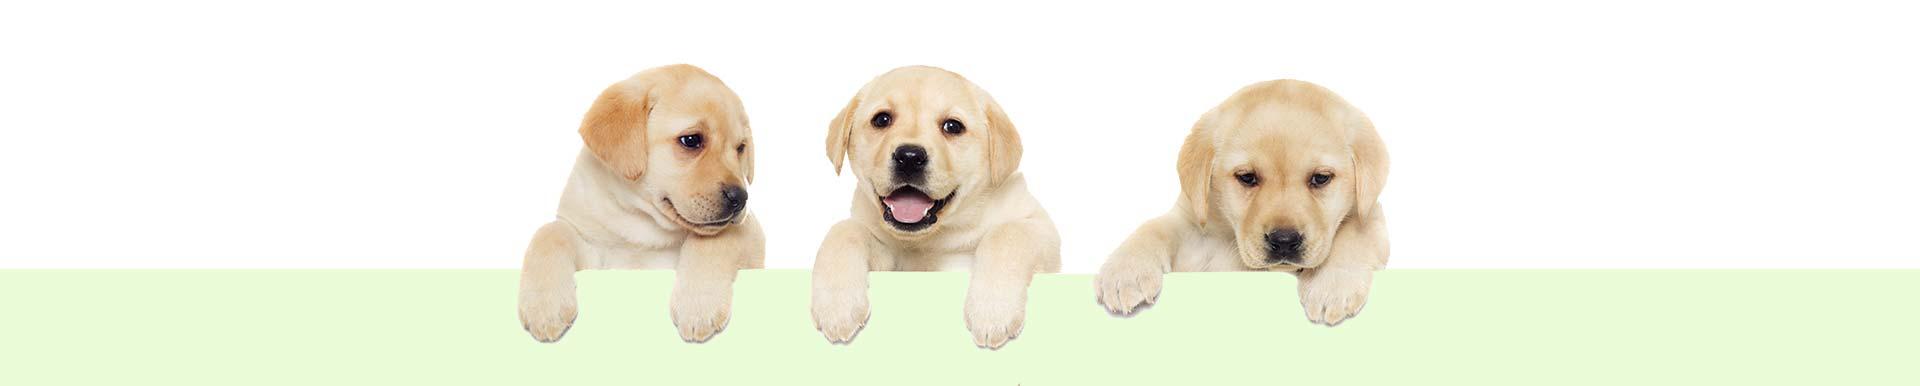 cta-dog